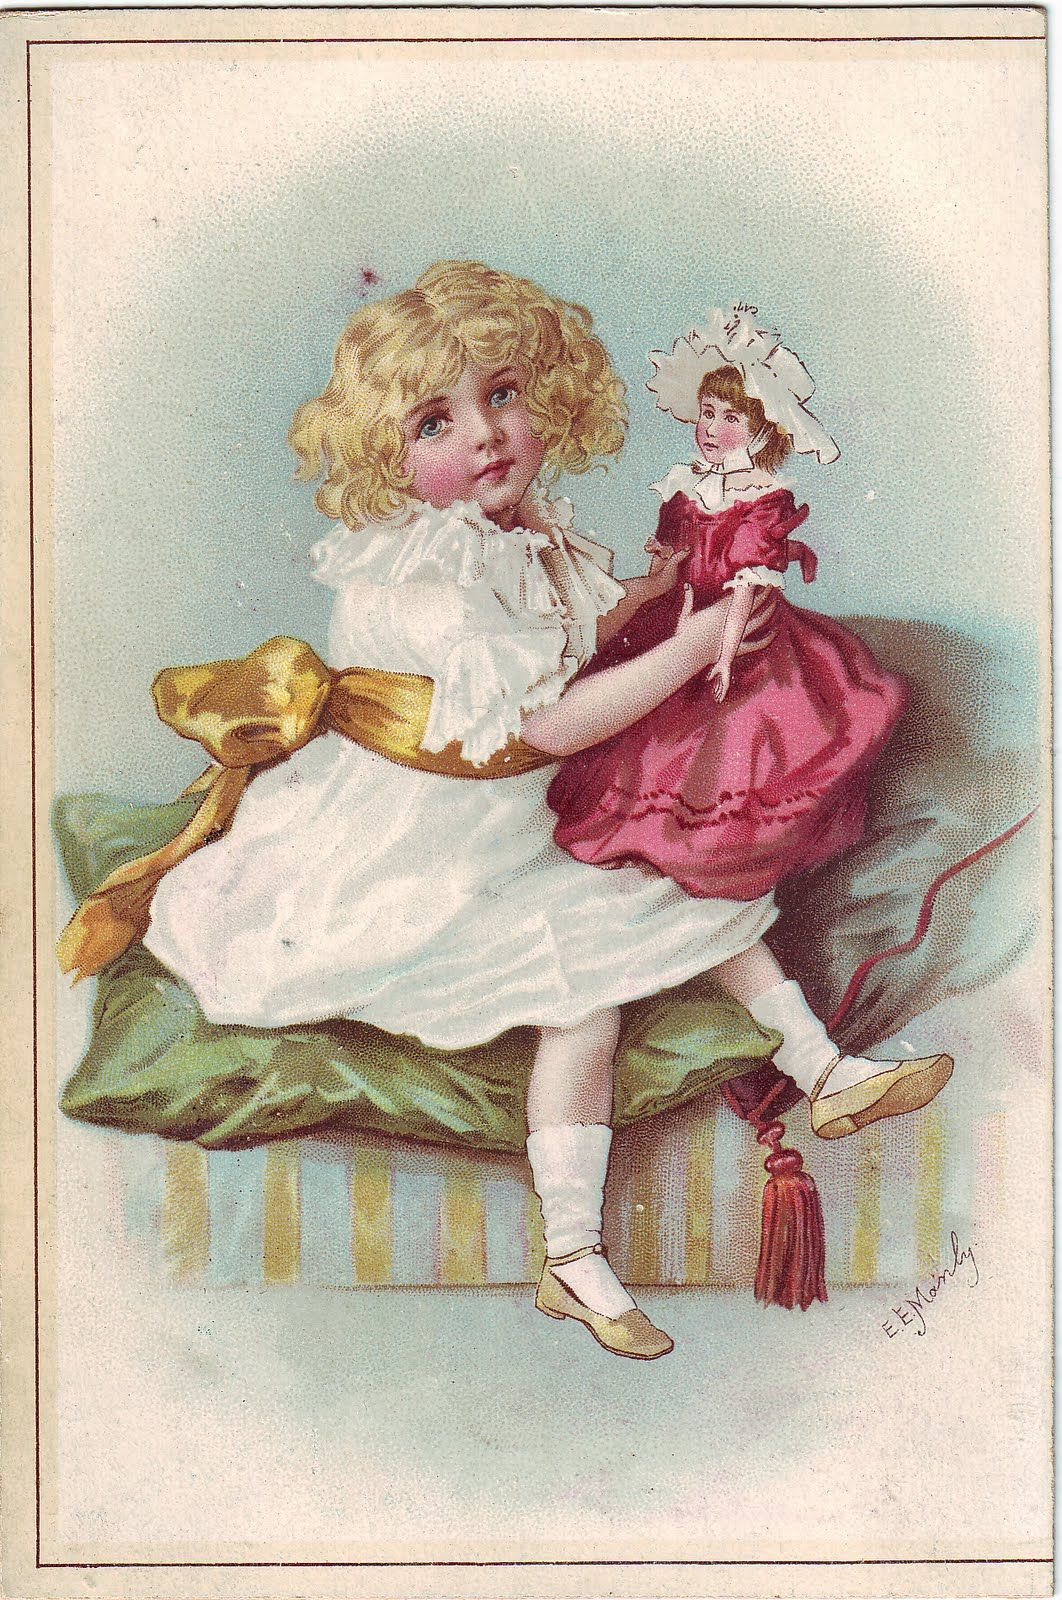 Кукла китти чешир эвер афтер хай